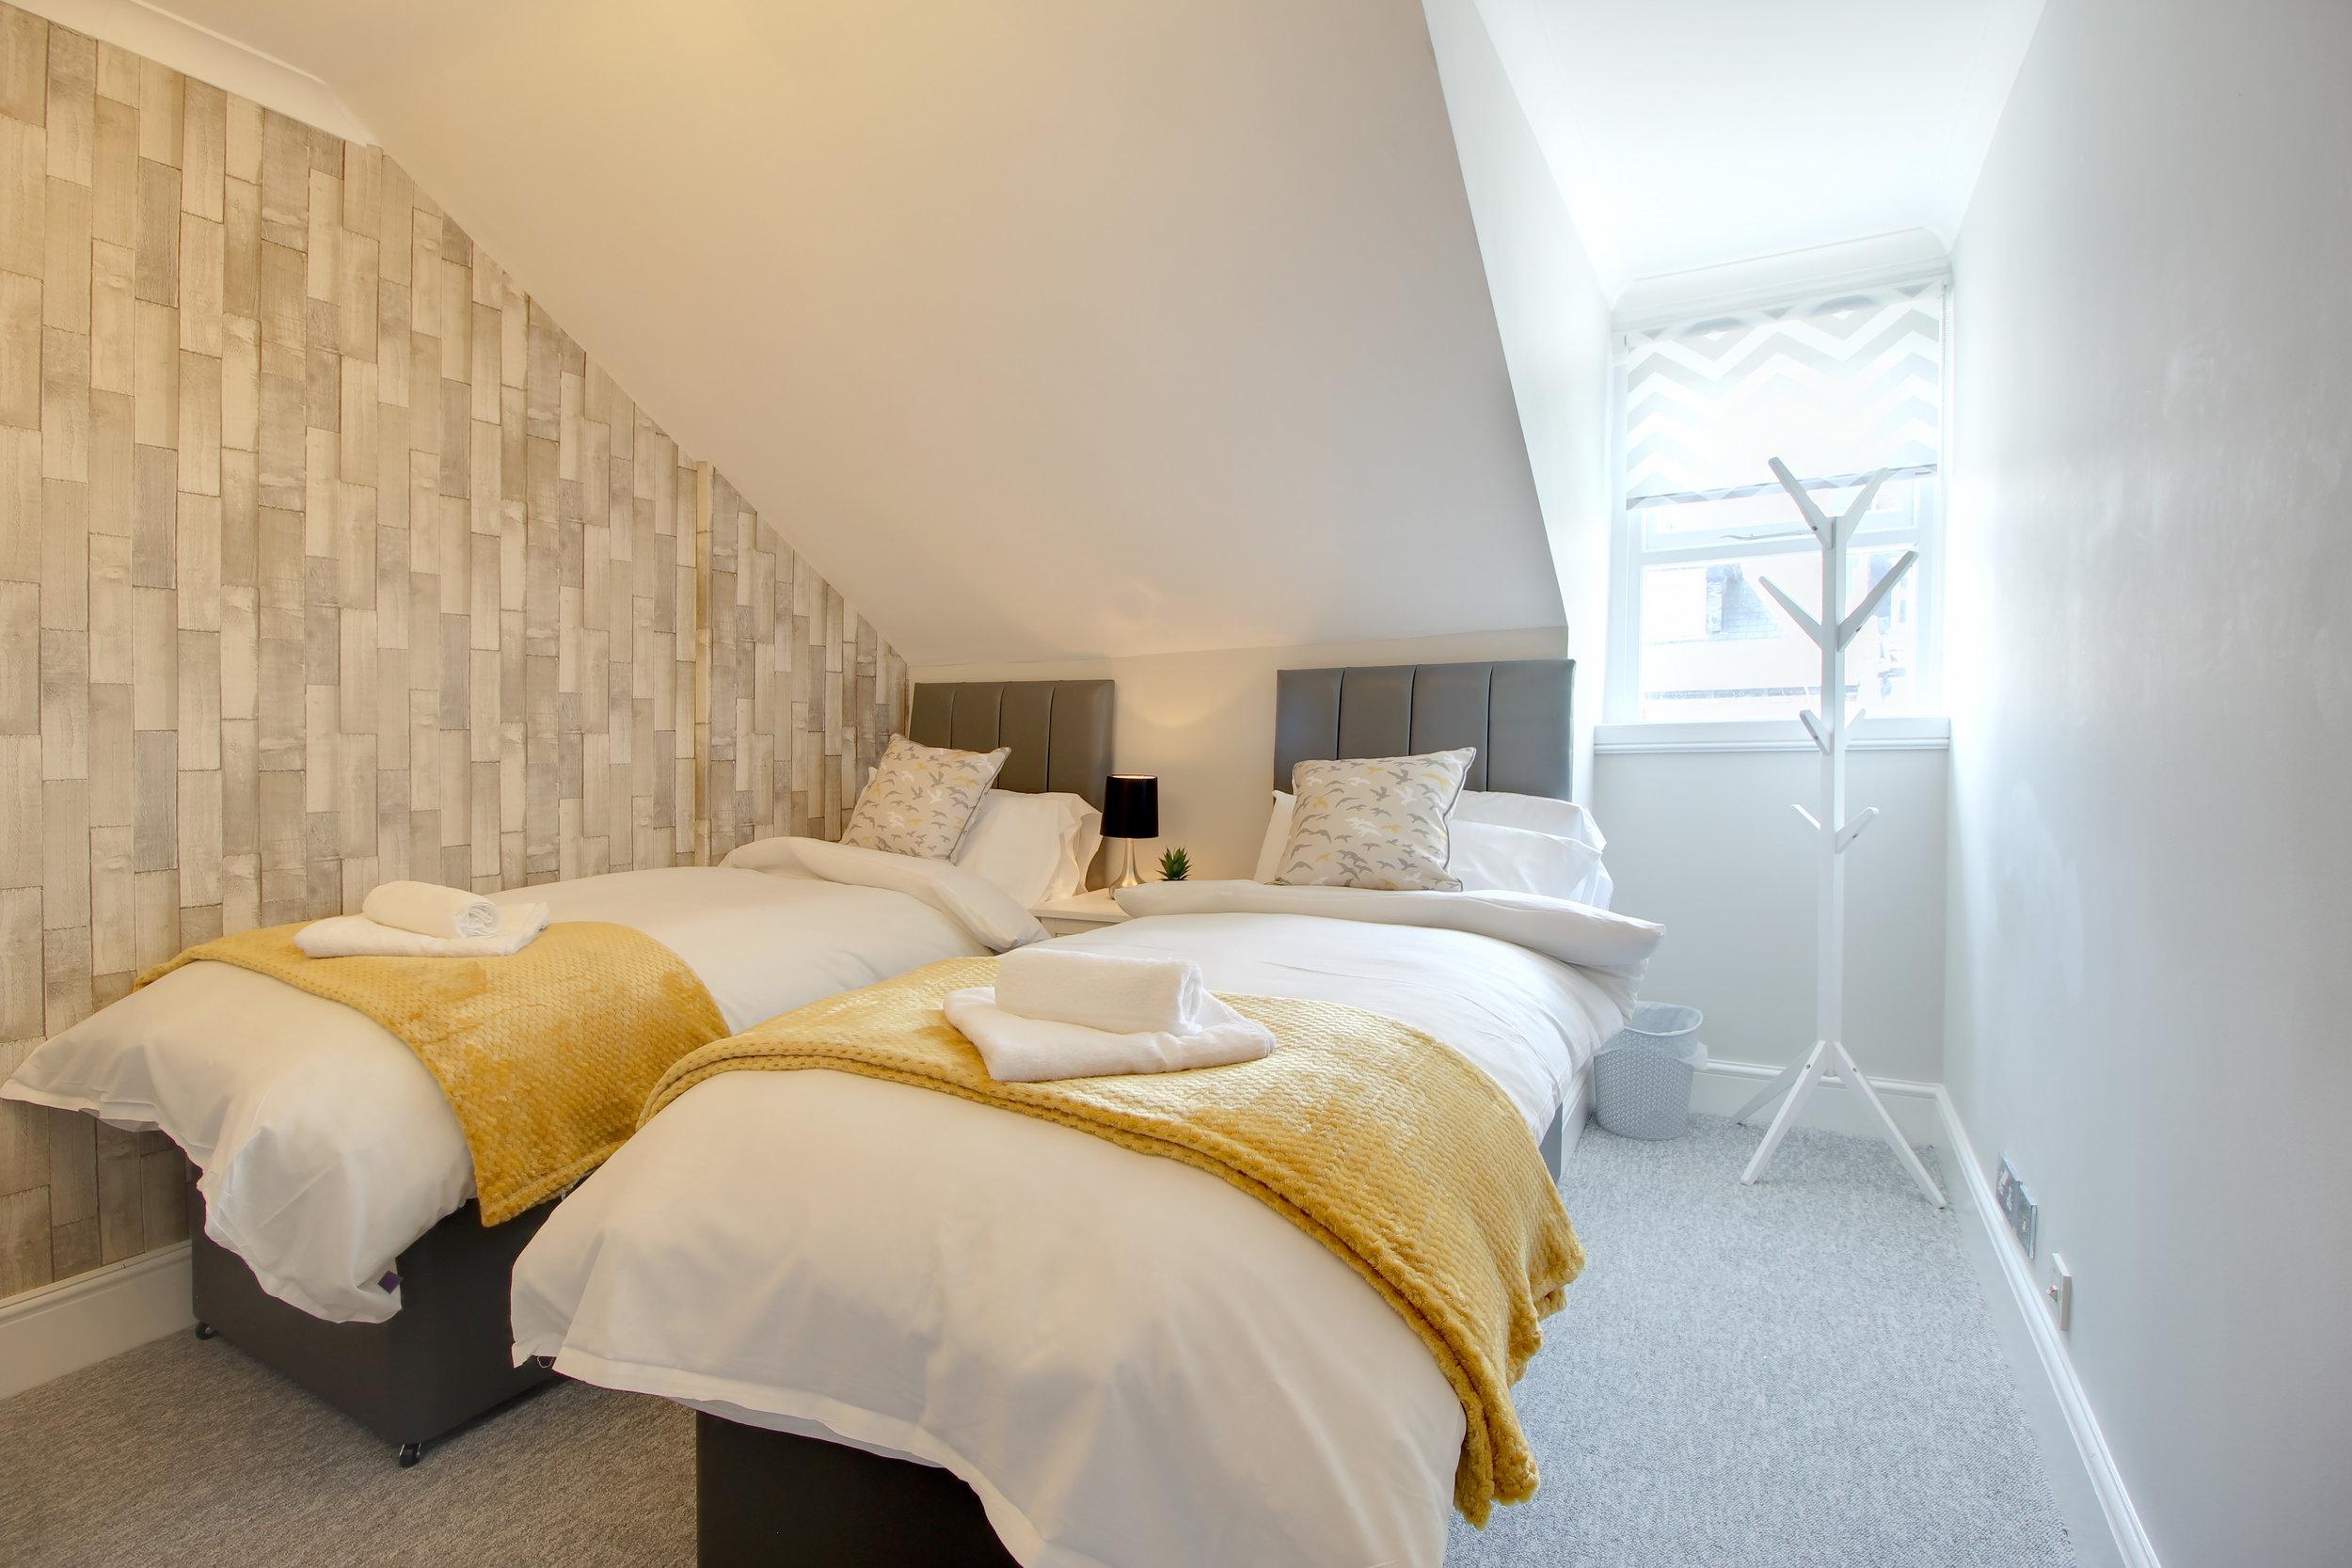 Bedroom 1 image 4.jpg